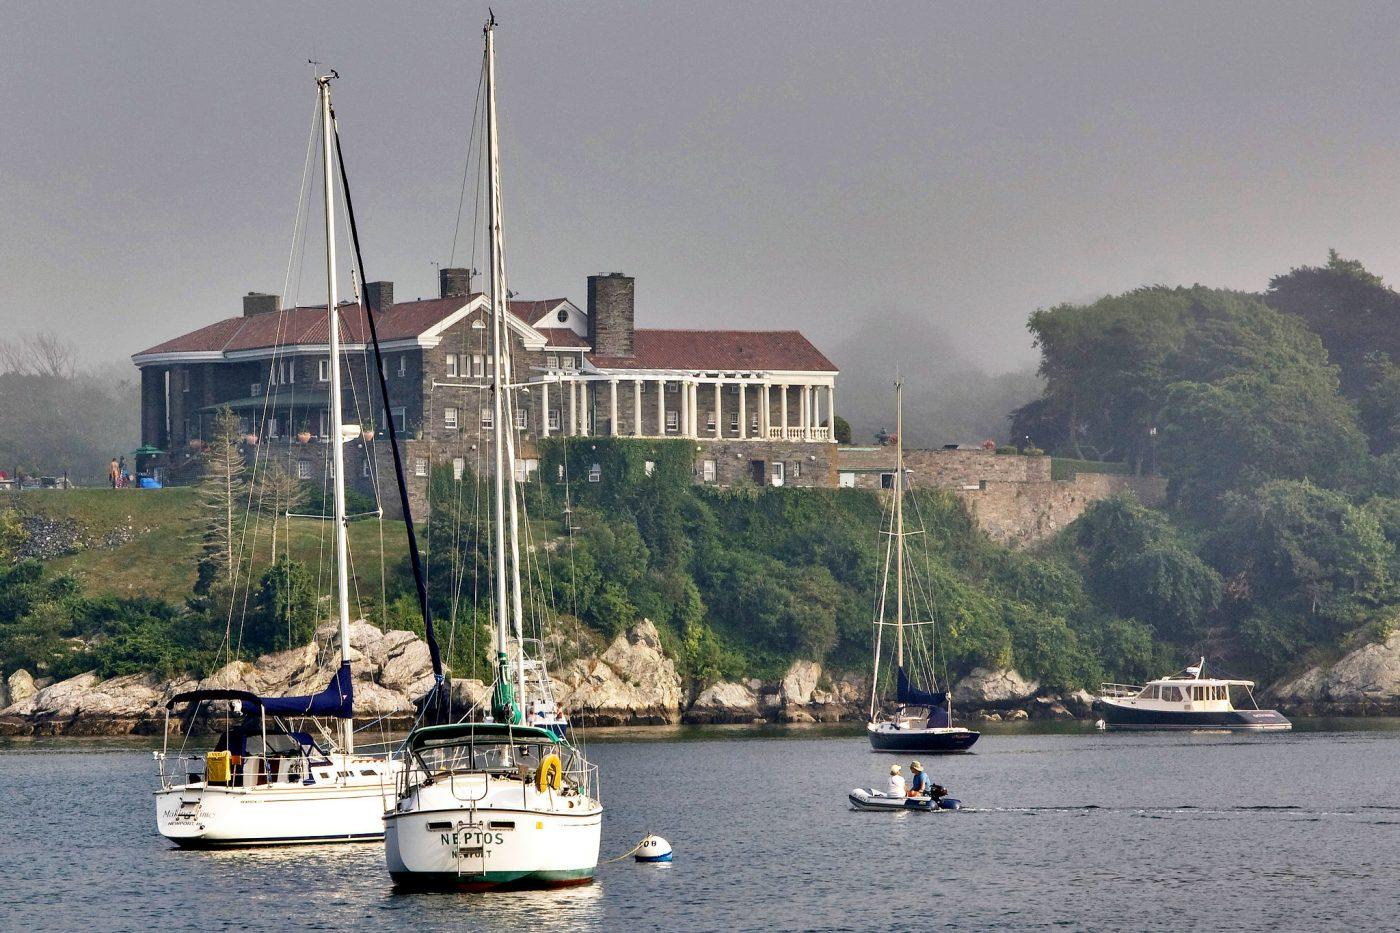 romantic getaway spots in new england